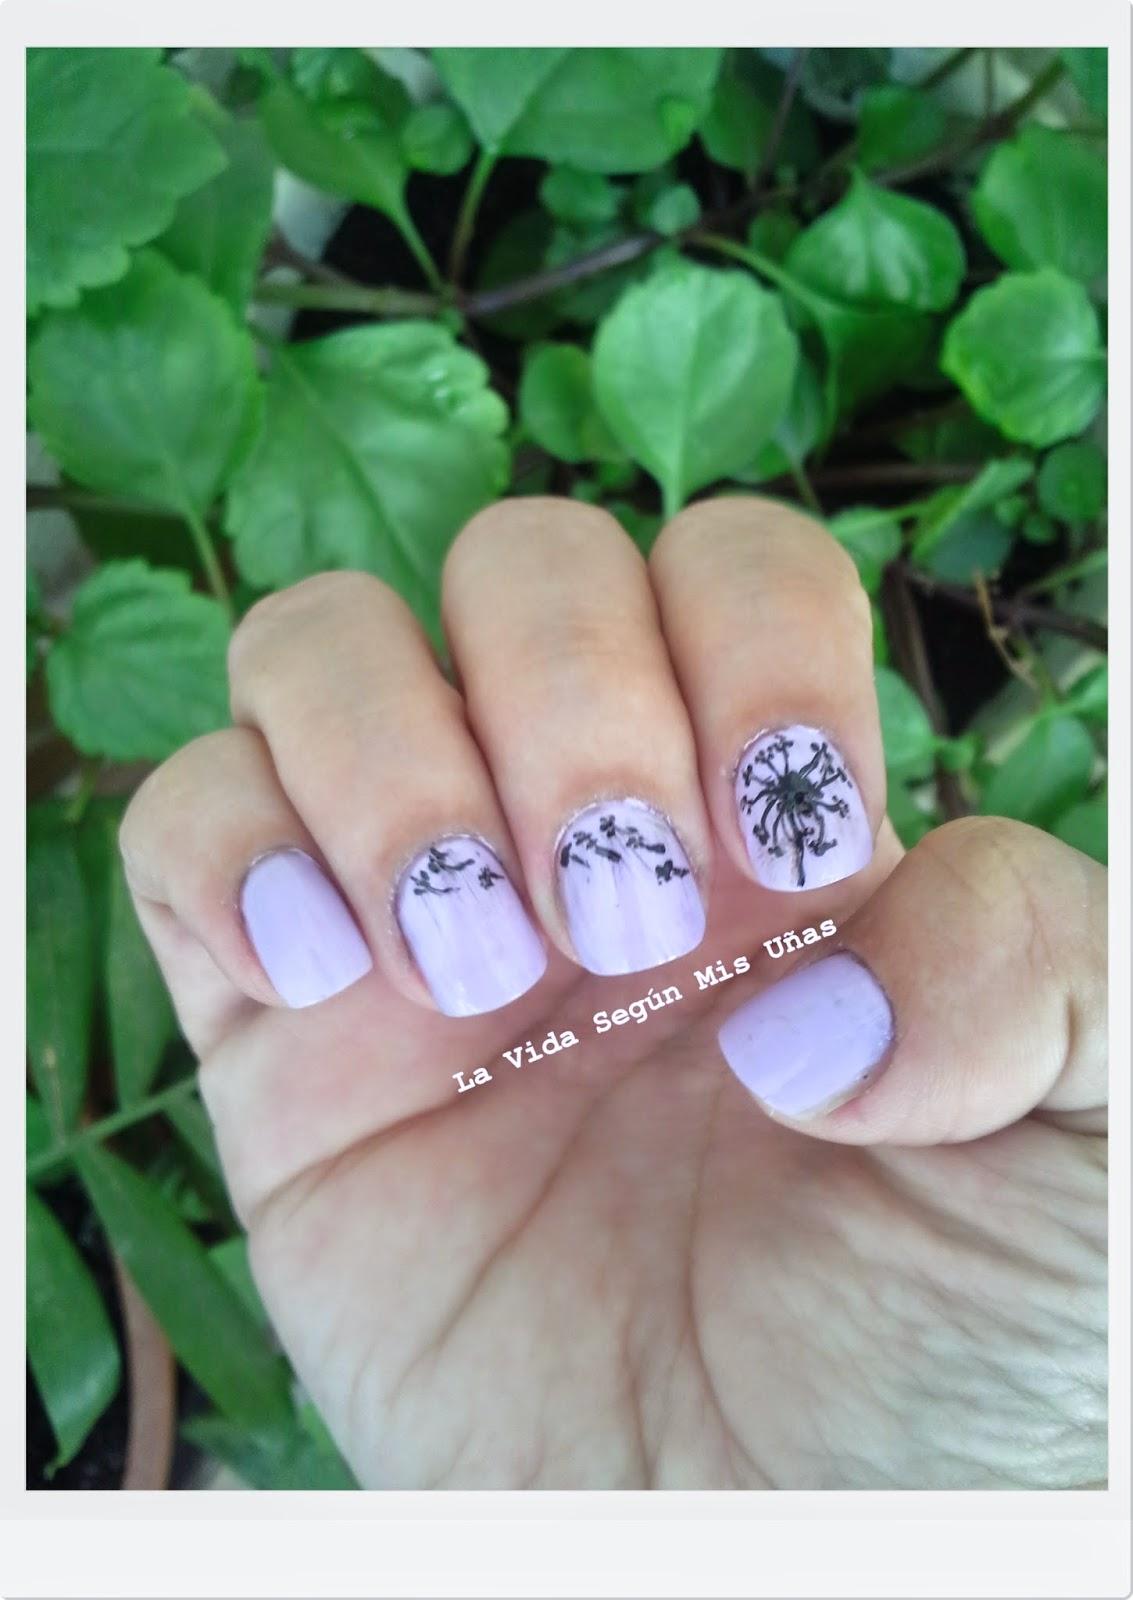 La Vida Según Mis Uñas: Reto colores y texturas: lila perla